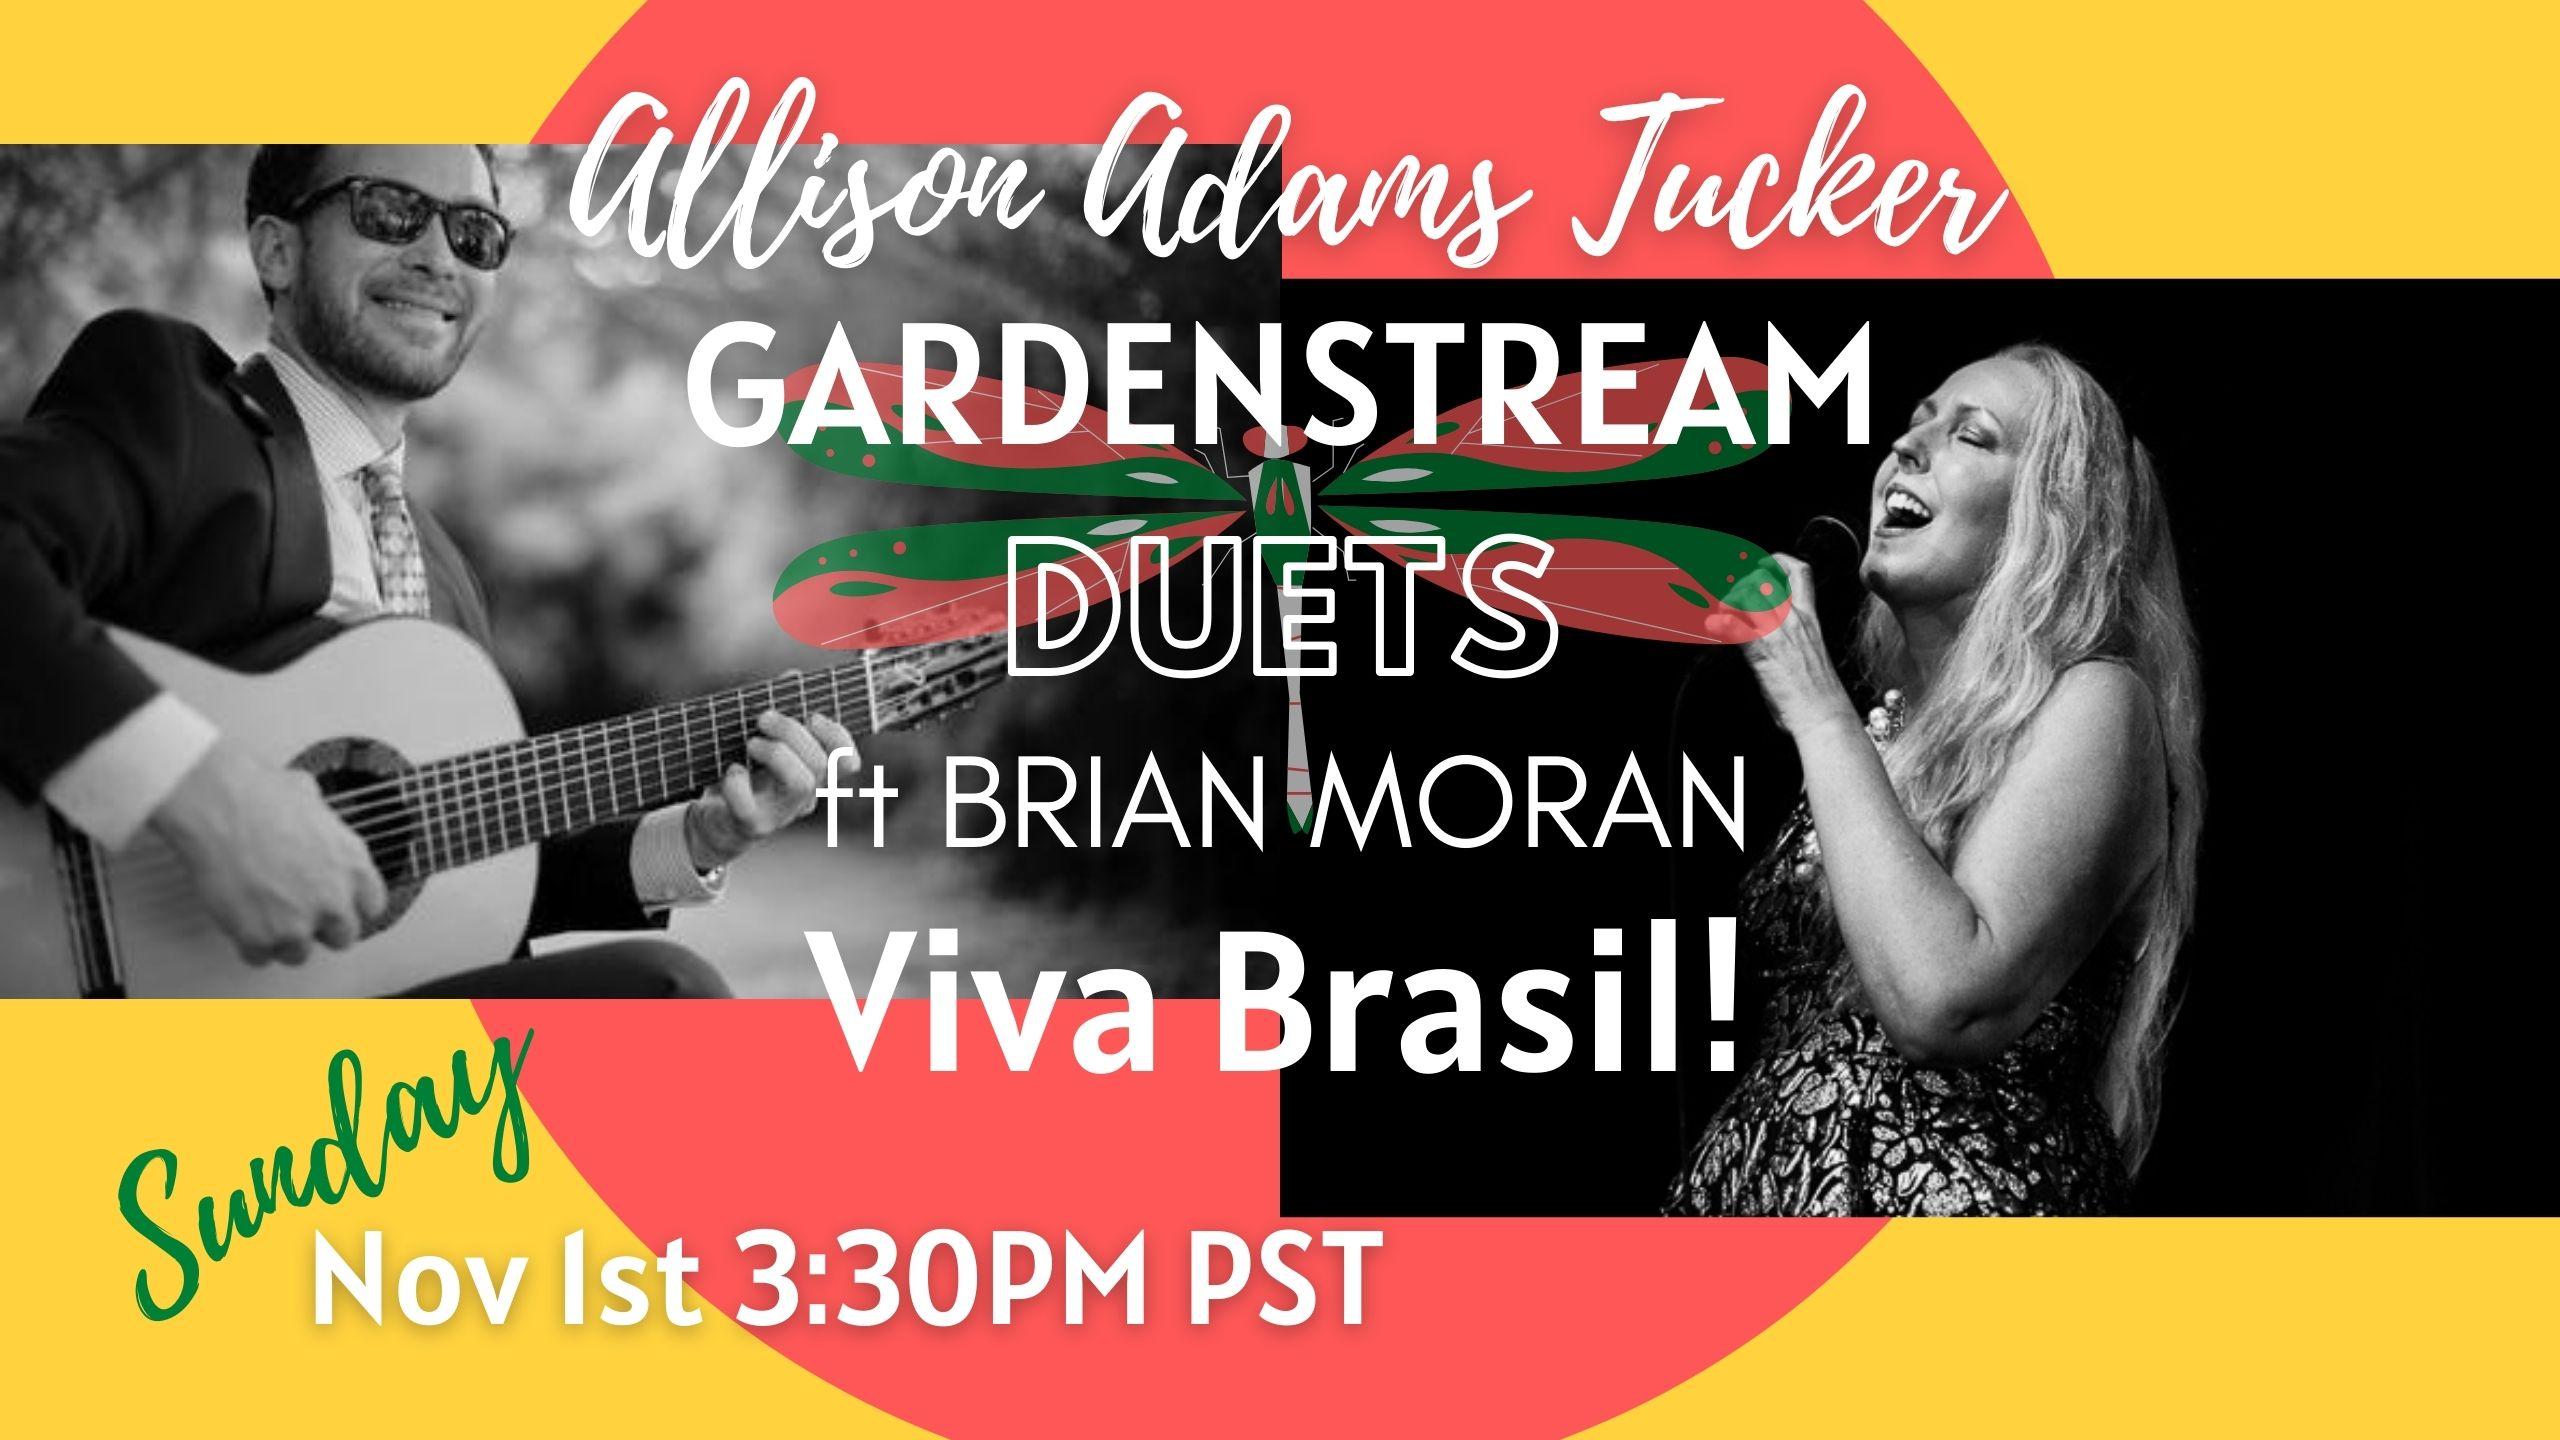 Allison Adams Tucker's Duets Ft Brian Moran - Viva Brasil!